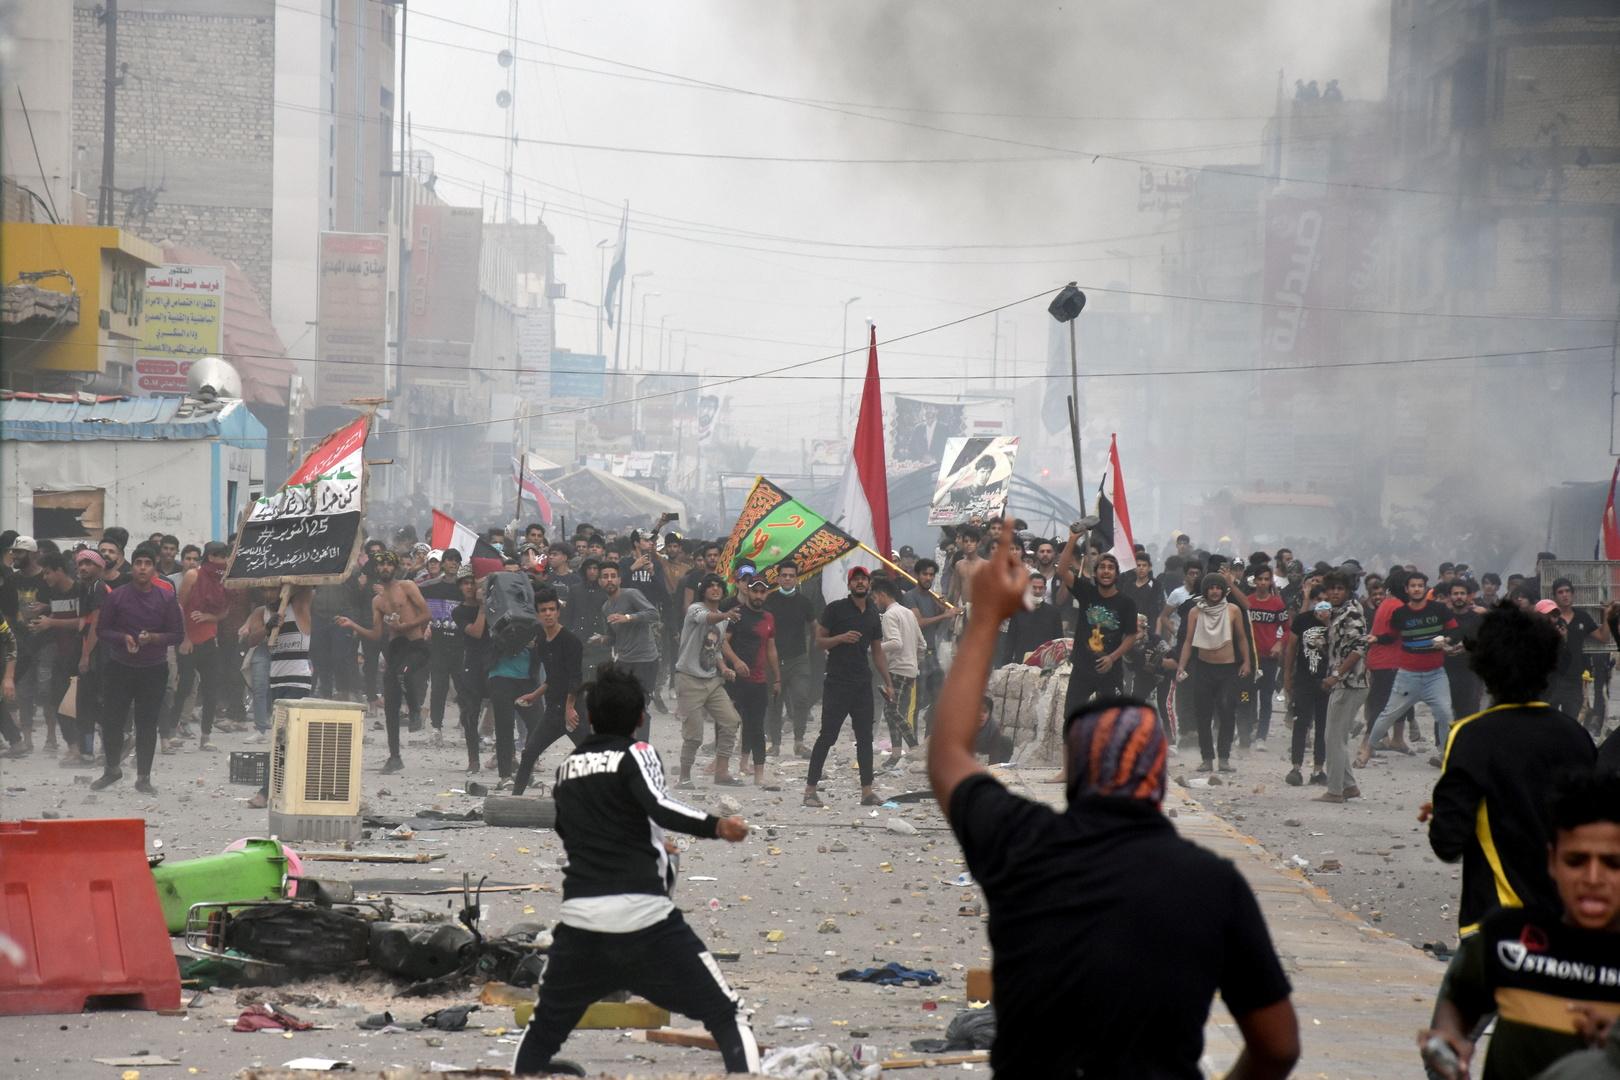 اشتباكات بين متظاهرين مناهضين للحكومة وأنصار